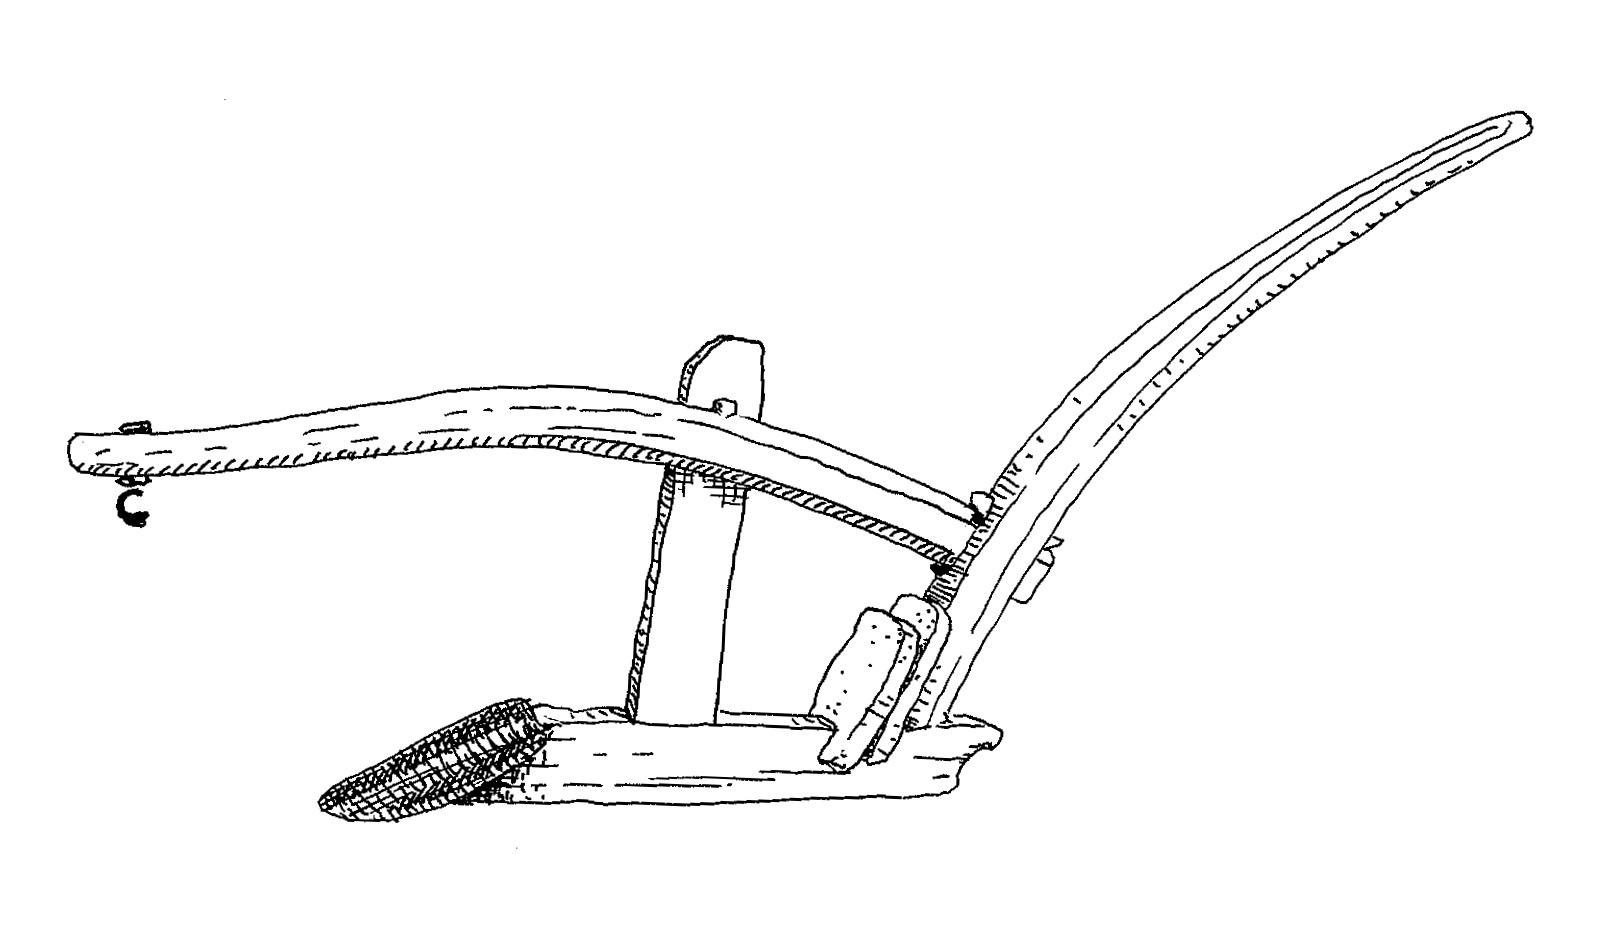 Teckning av en årder, en gammal sorts plog